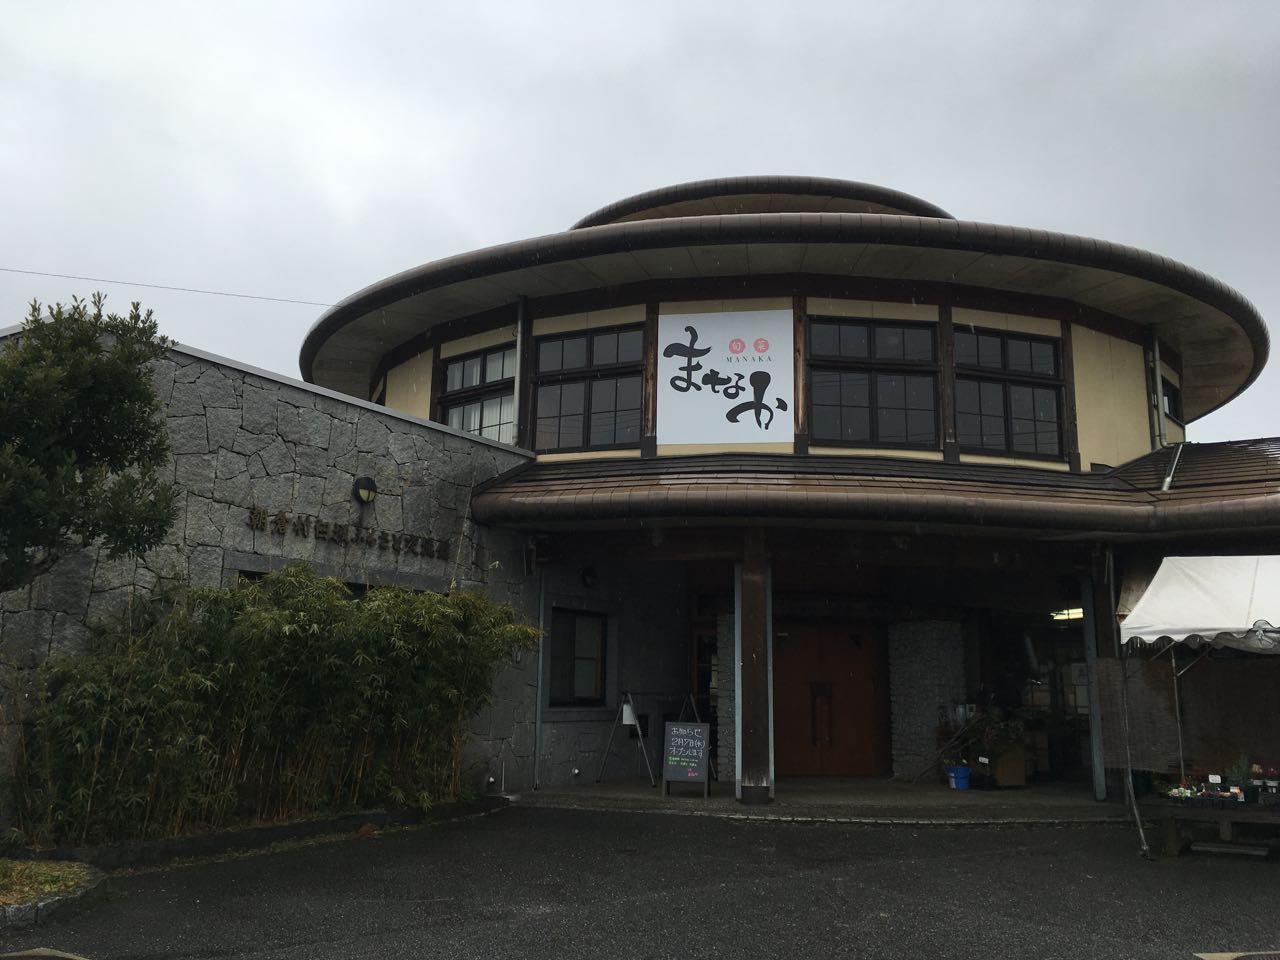 まなか, みとん今治, 居酒屋, 新規オープン, 朝倉, 朝倉ふるさと交流館